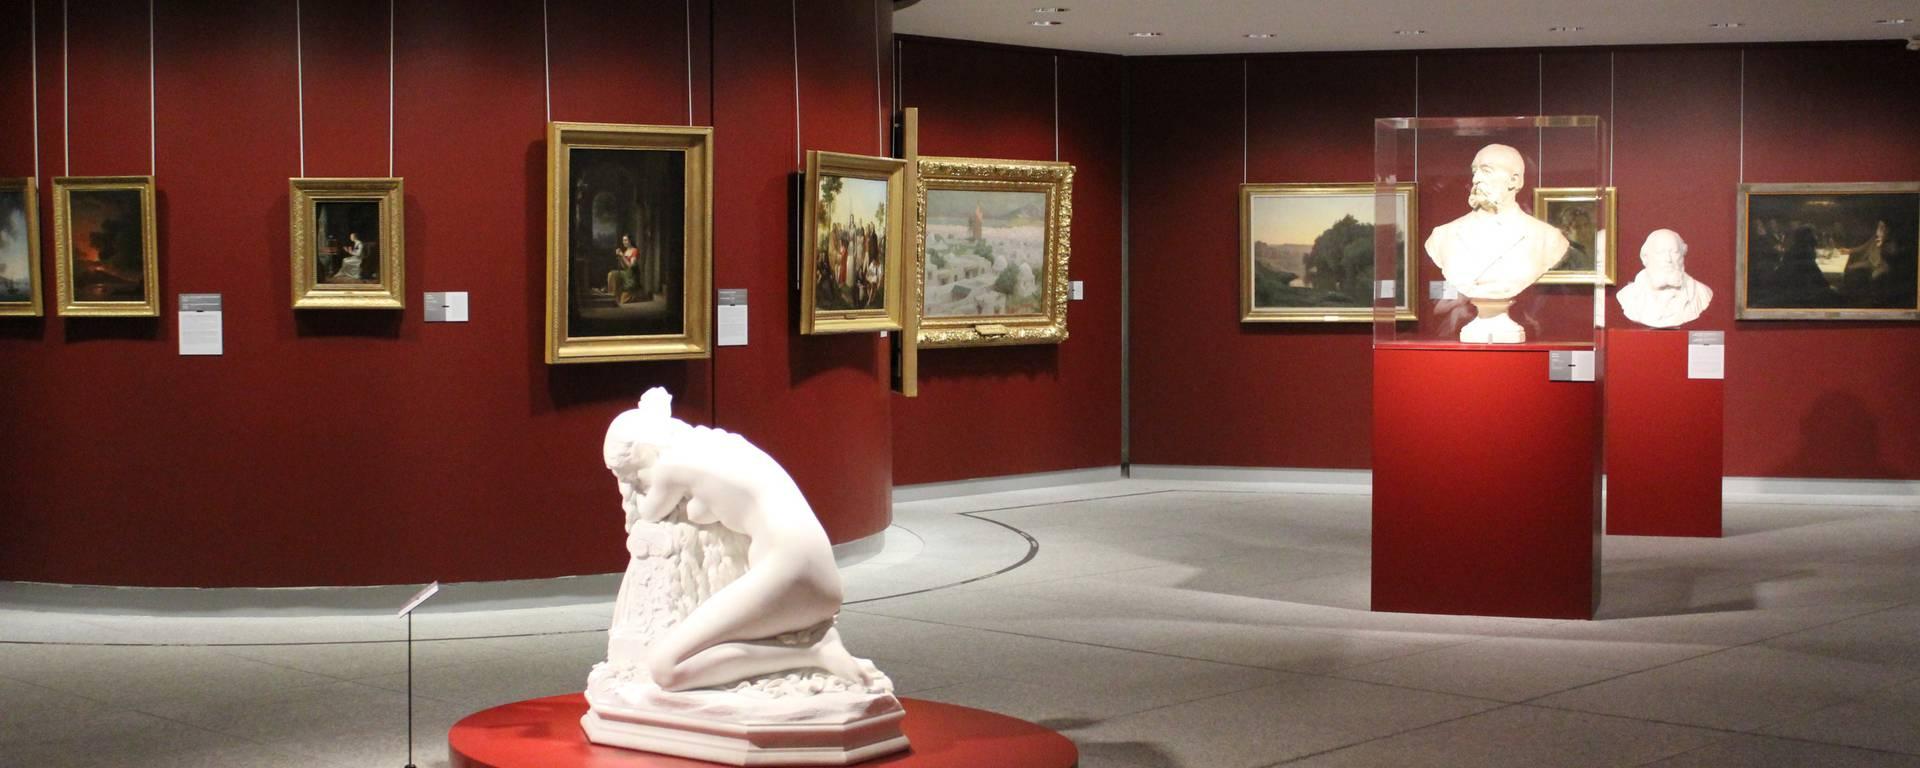 Museum Epinal - Museum für alte und zeitgenössische Kunst - Kulturerbe Epinal - Kultur Epinal - Kunstwerk